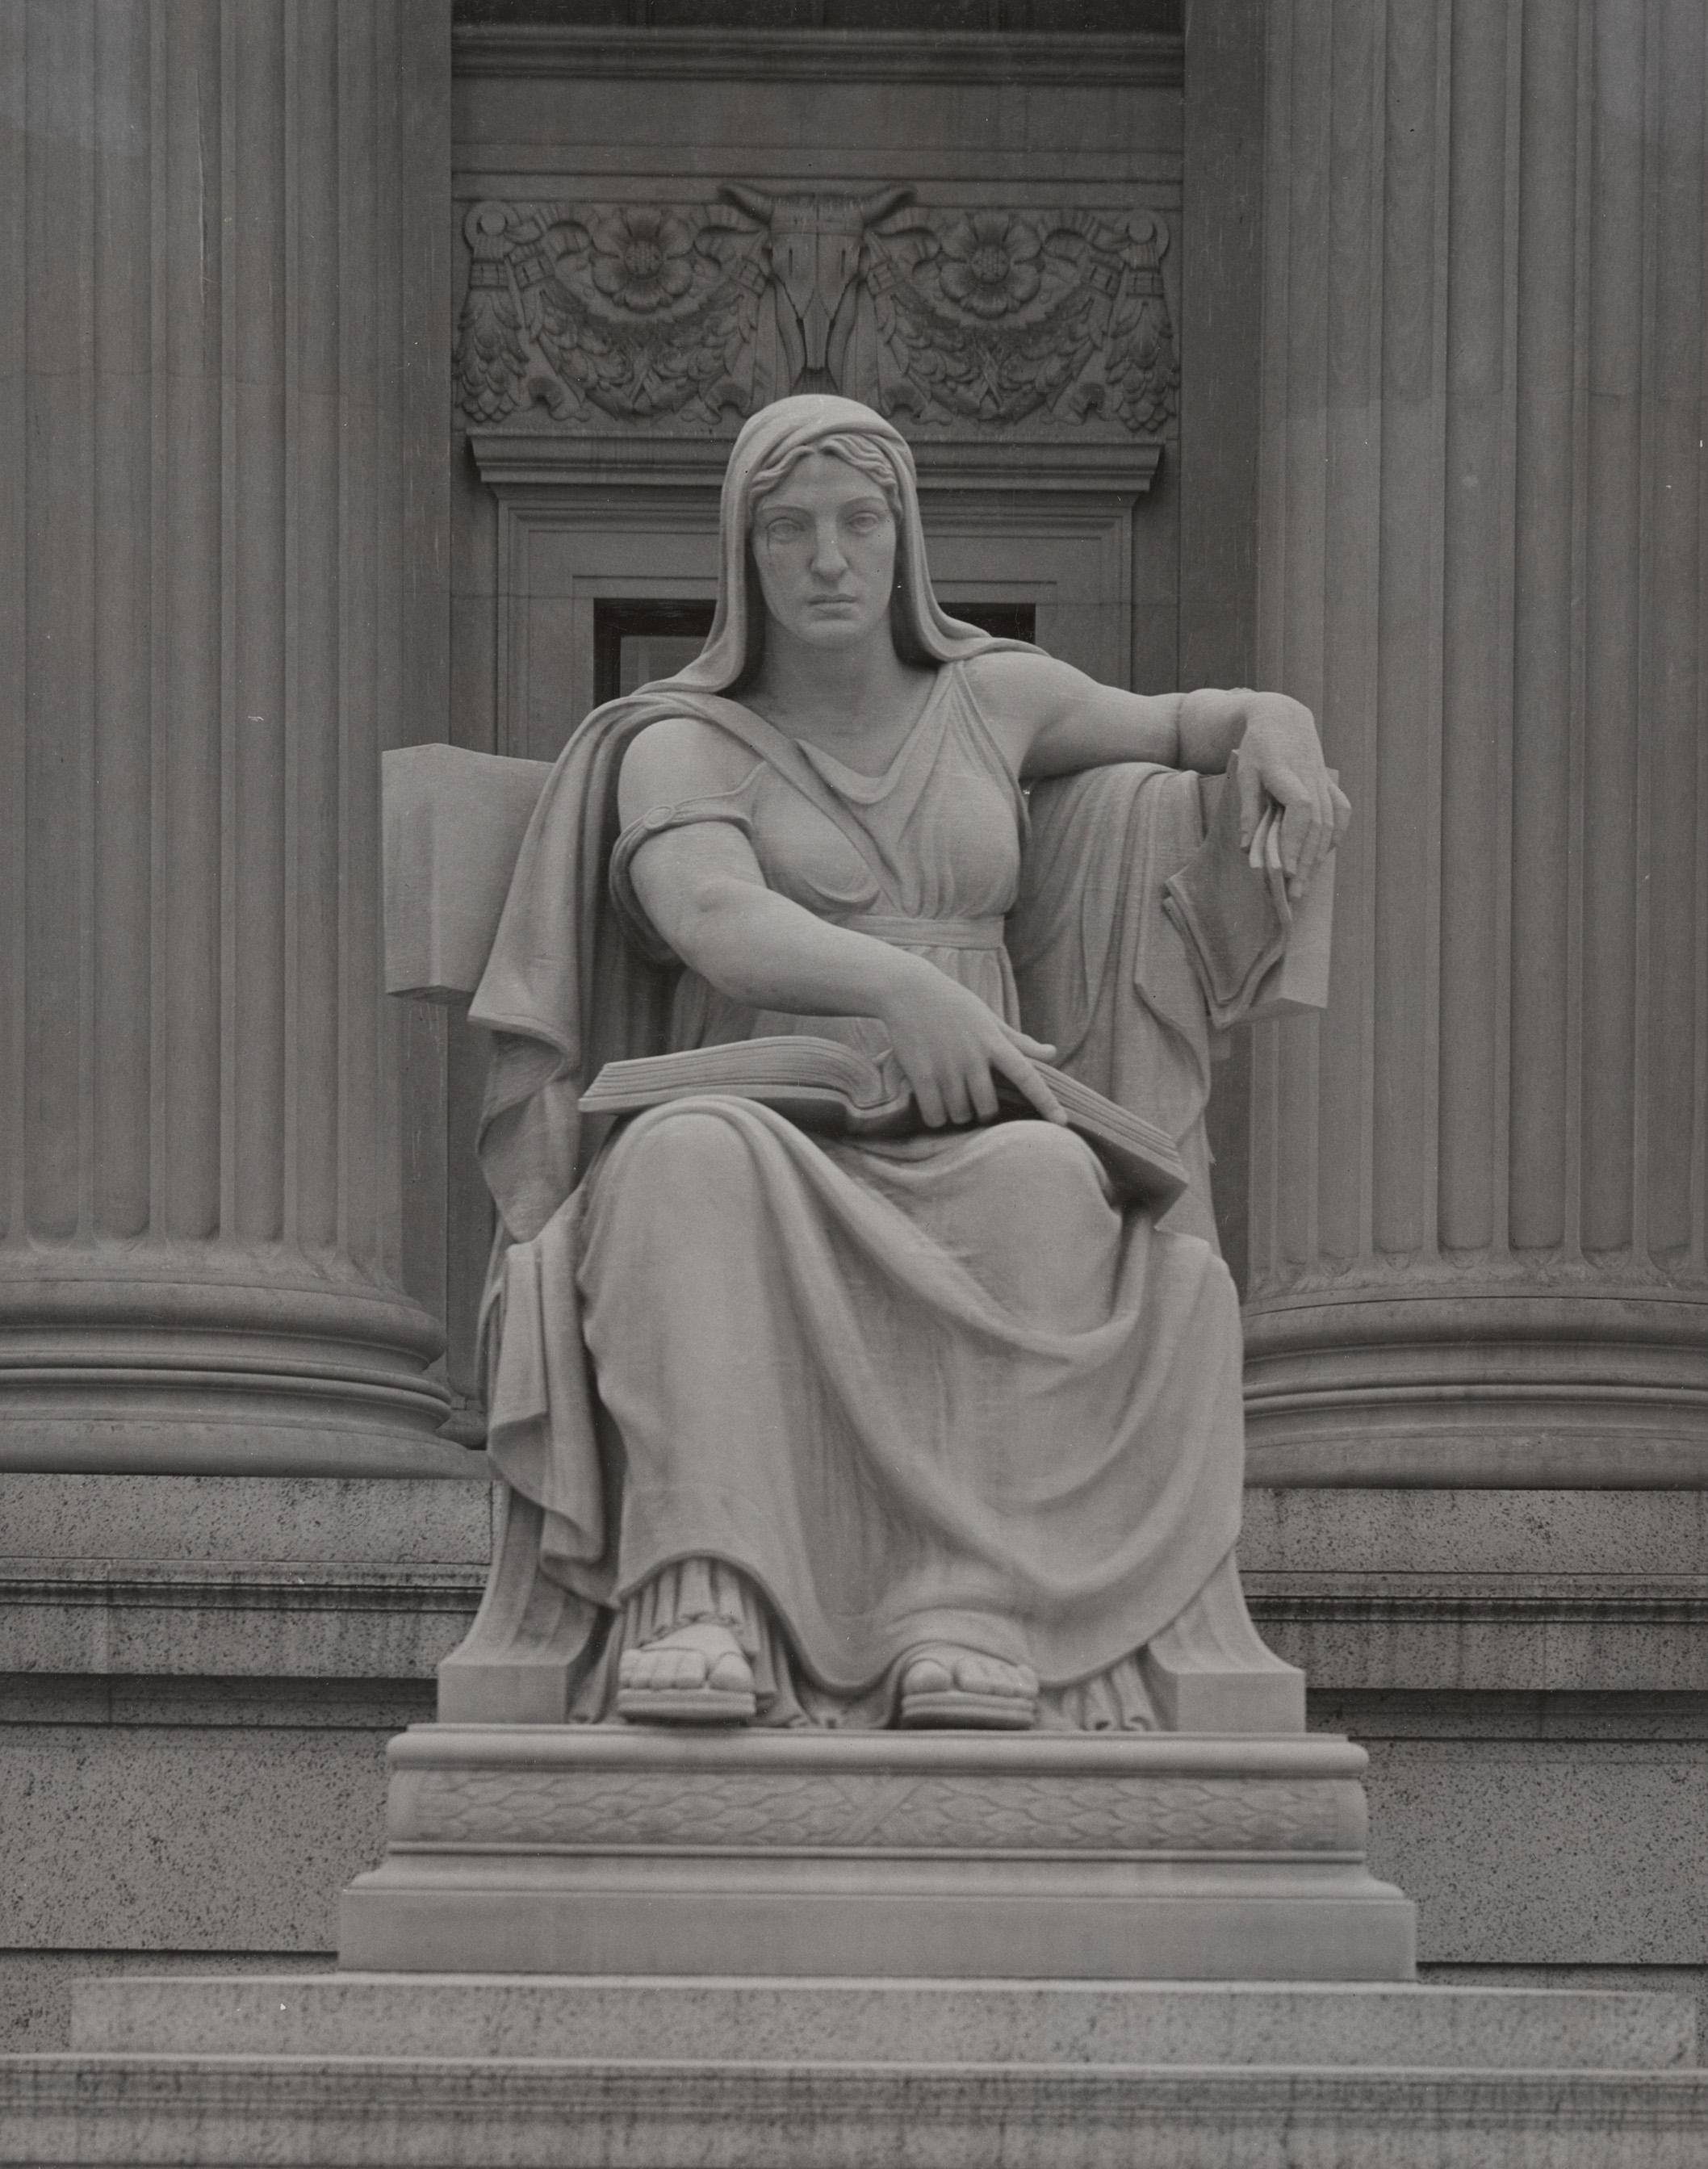 The Future statue